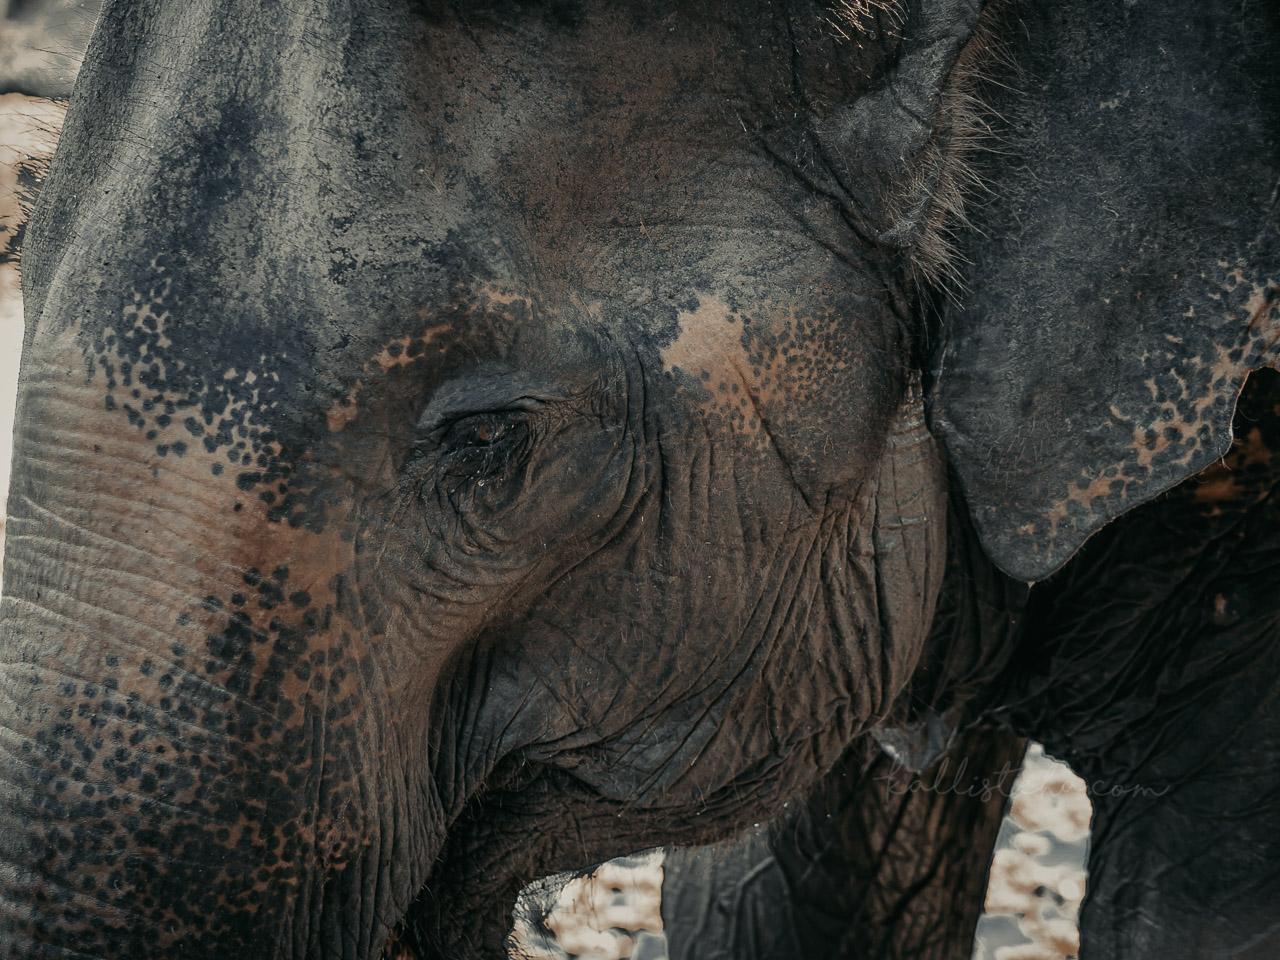 Une Thailande authentique - Kallisteha, blog voyage - IG @nouveaux_regards